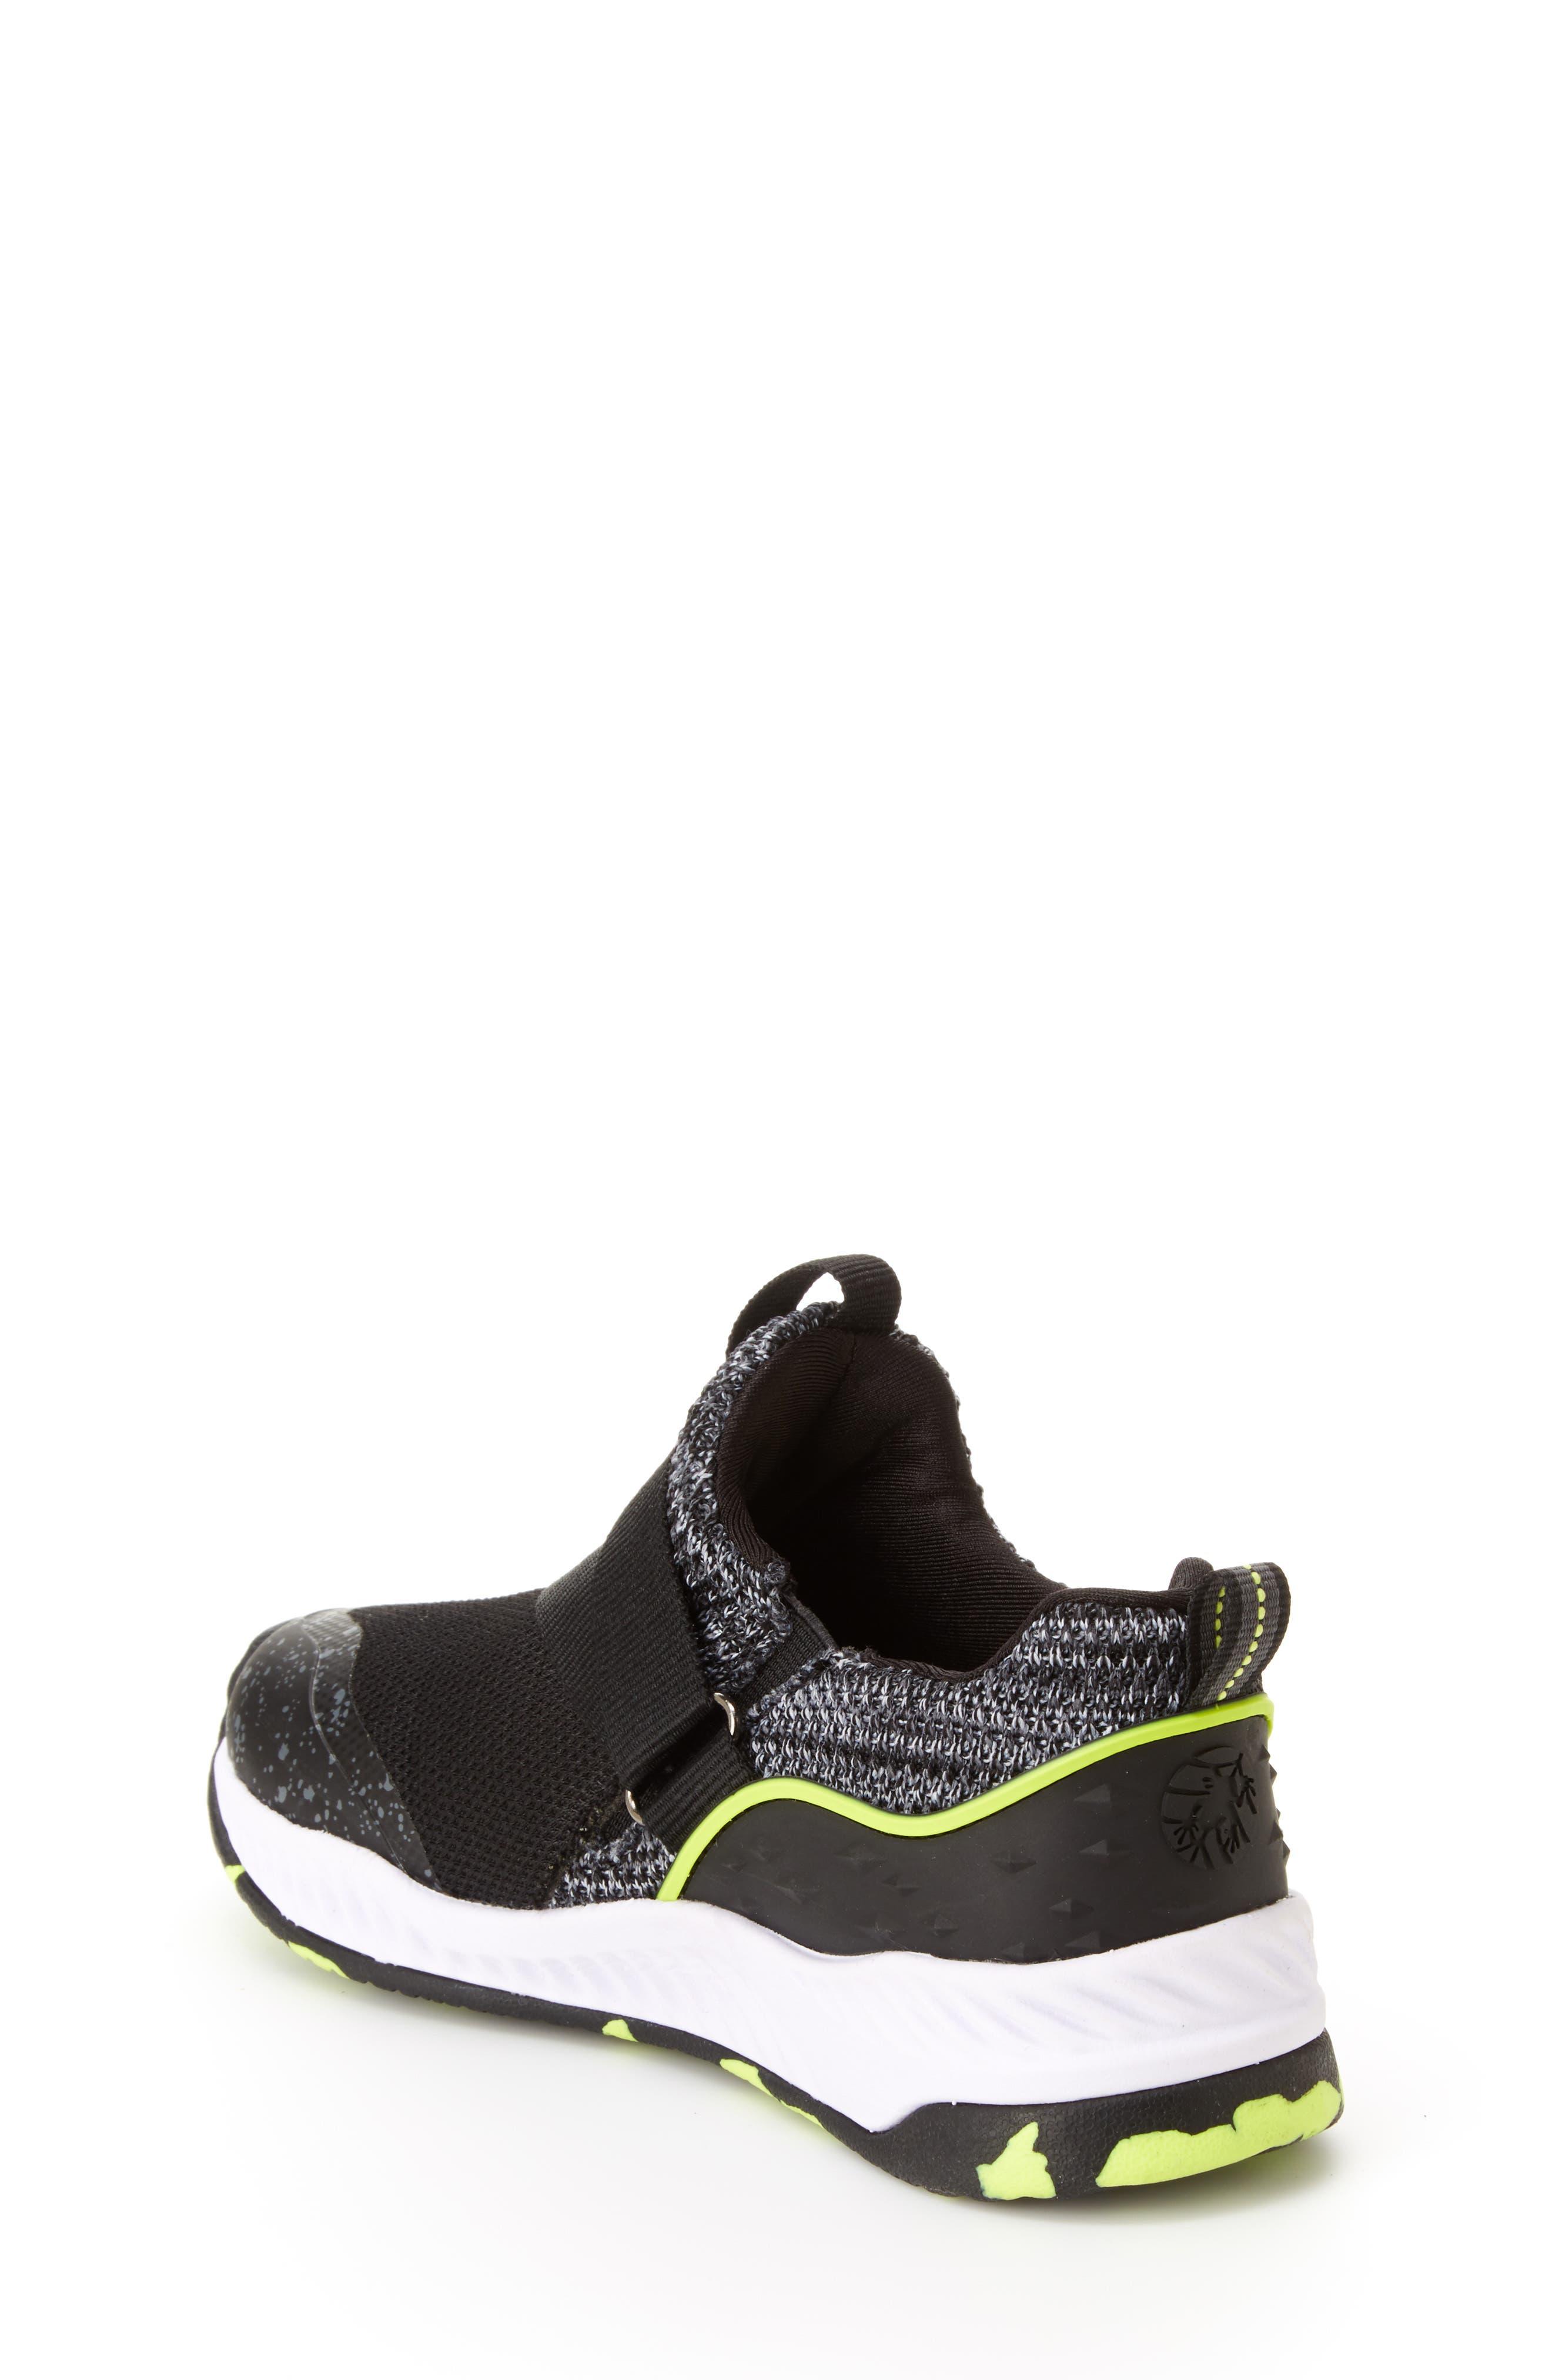 JAMBU, Rowan Sneaker, Alternate thumbnail 2, color, 001